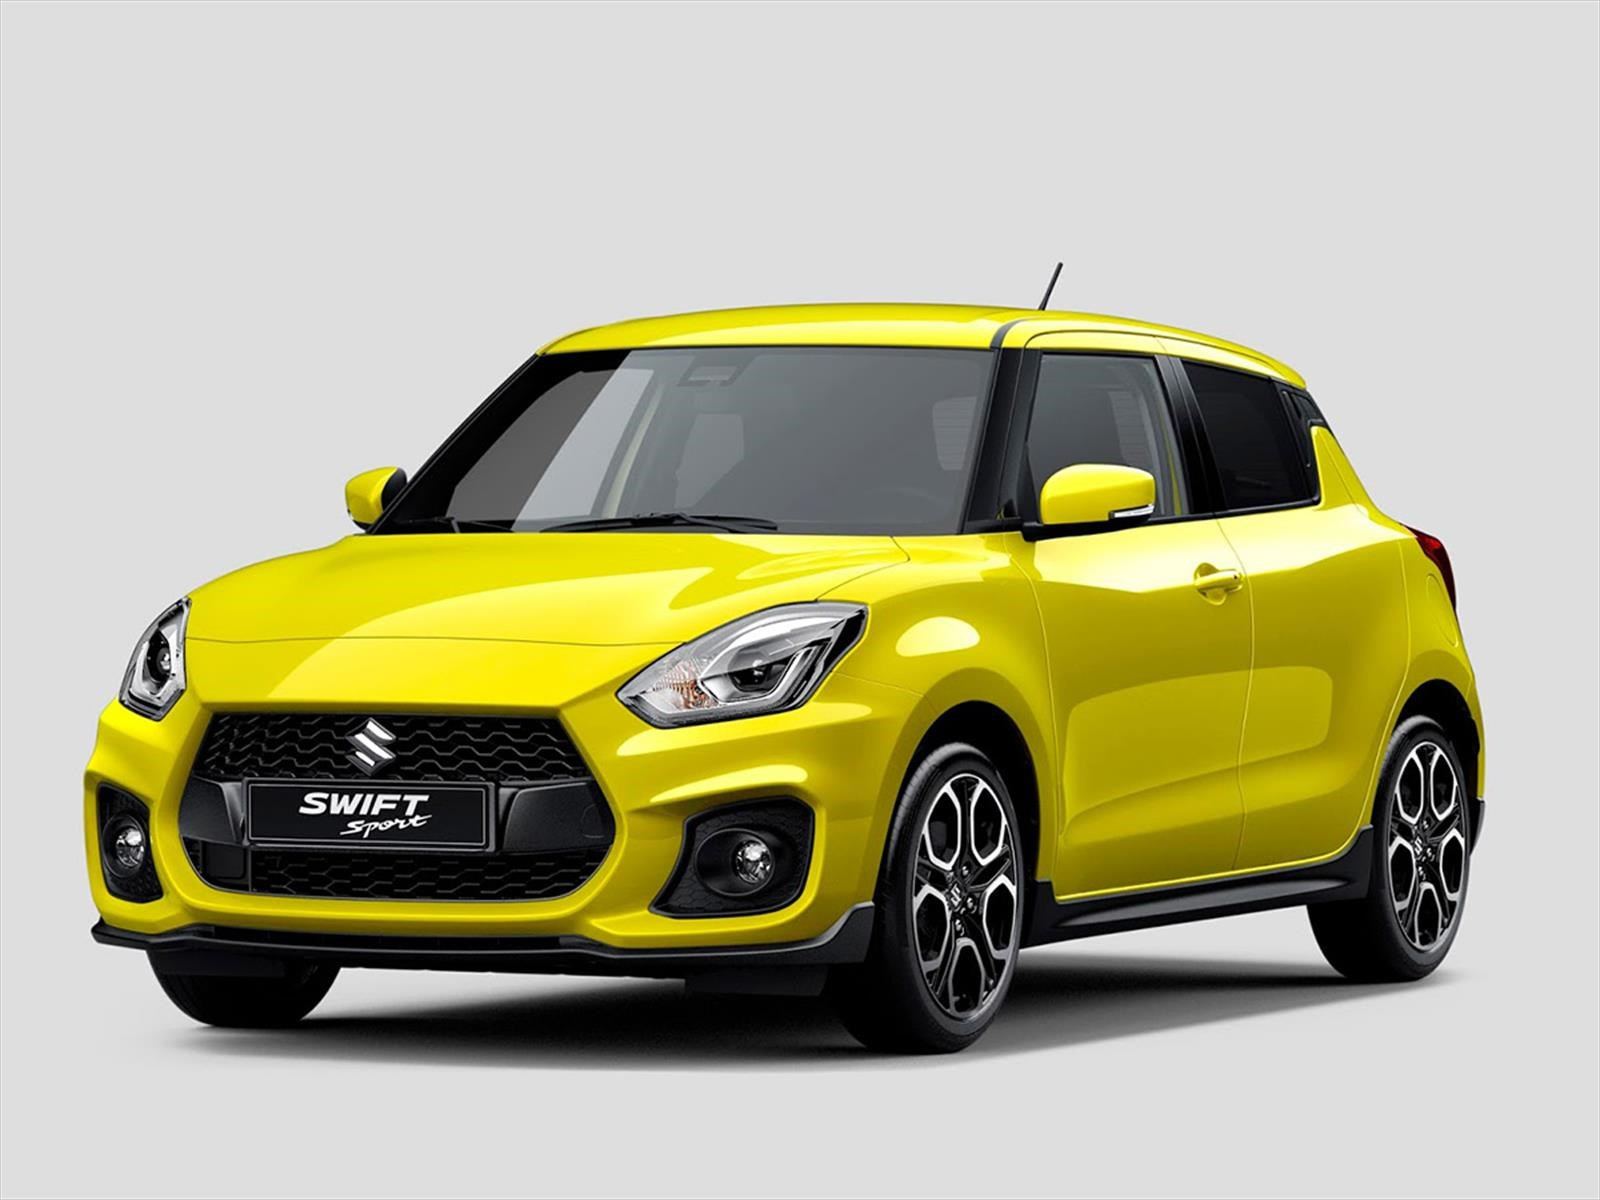 Suzuki libera la primera imagen del nuevo Swift Sport 2018